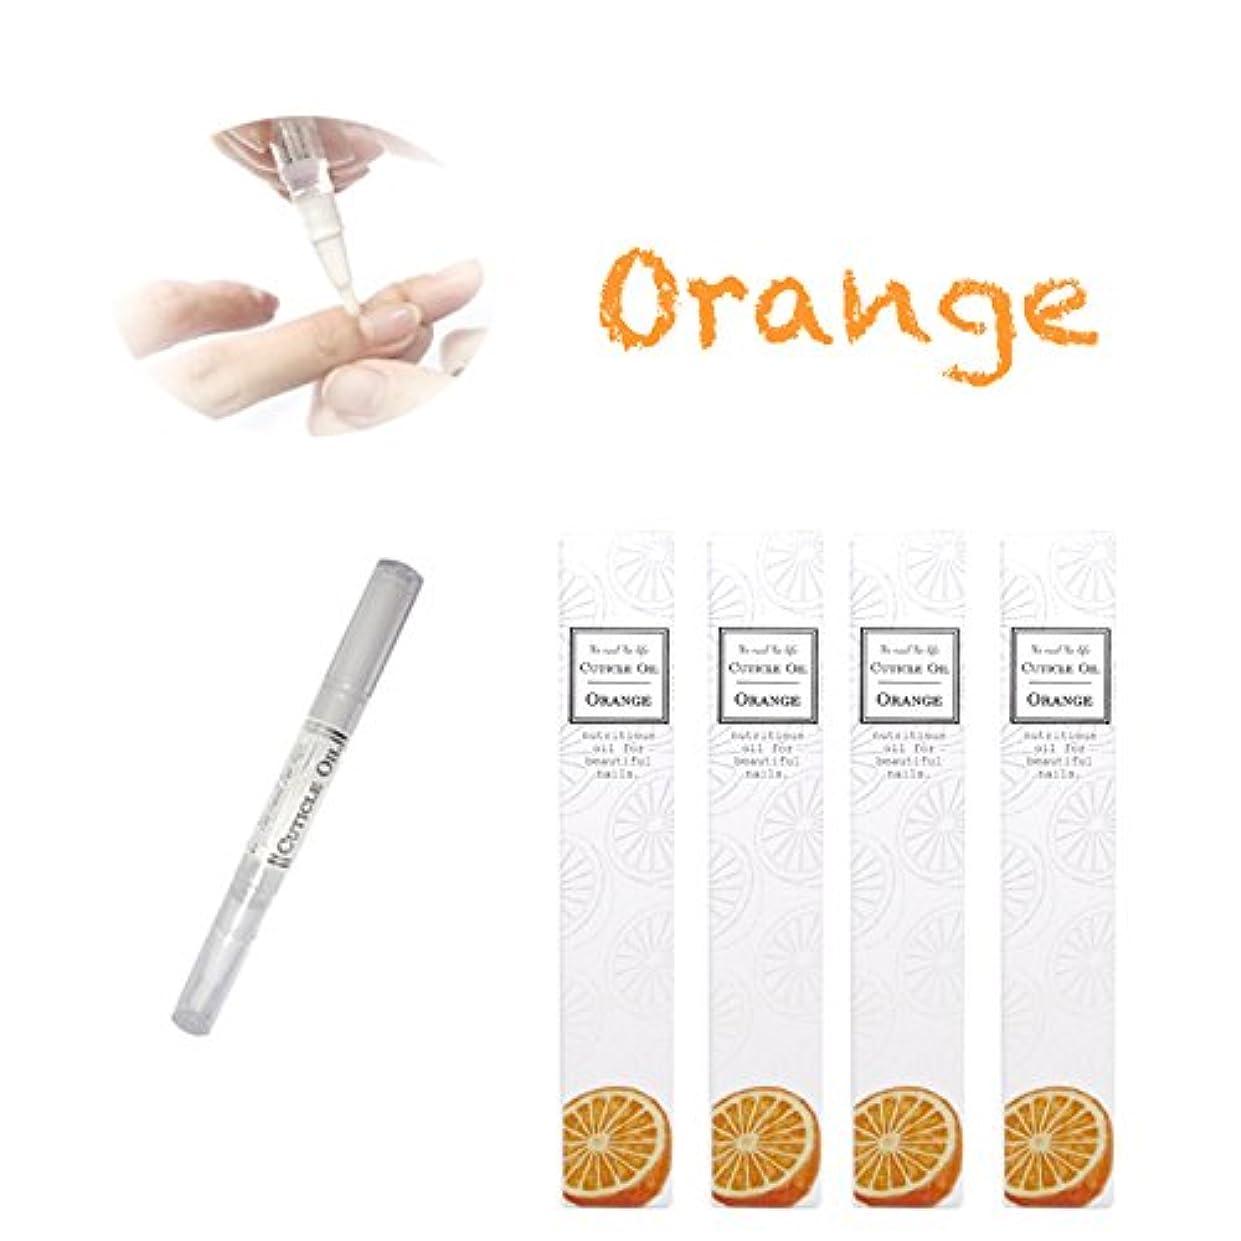 閲覧するメイエラプライムネイルオイル ペンタイプ 改良型 オレンジ の香り お得な4本セット 追跡番号付き